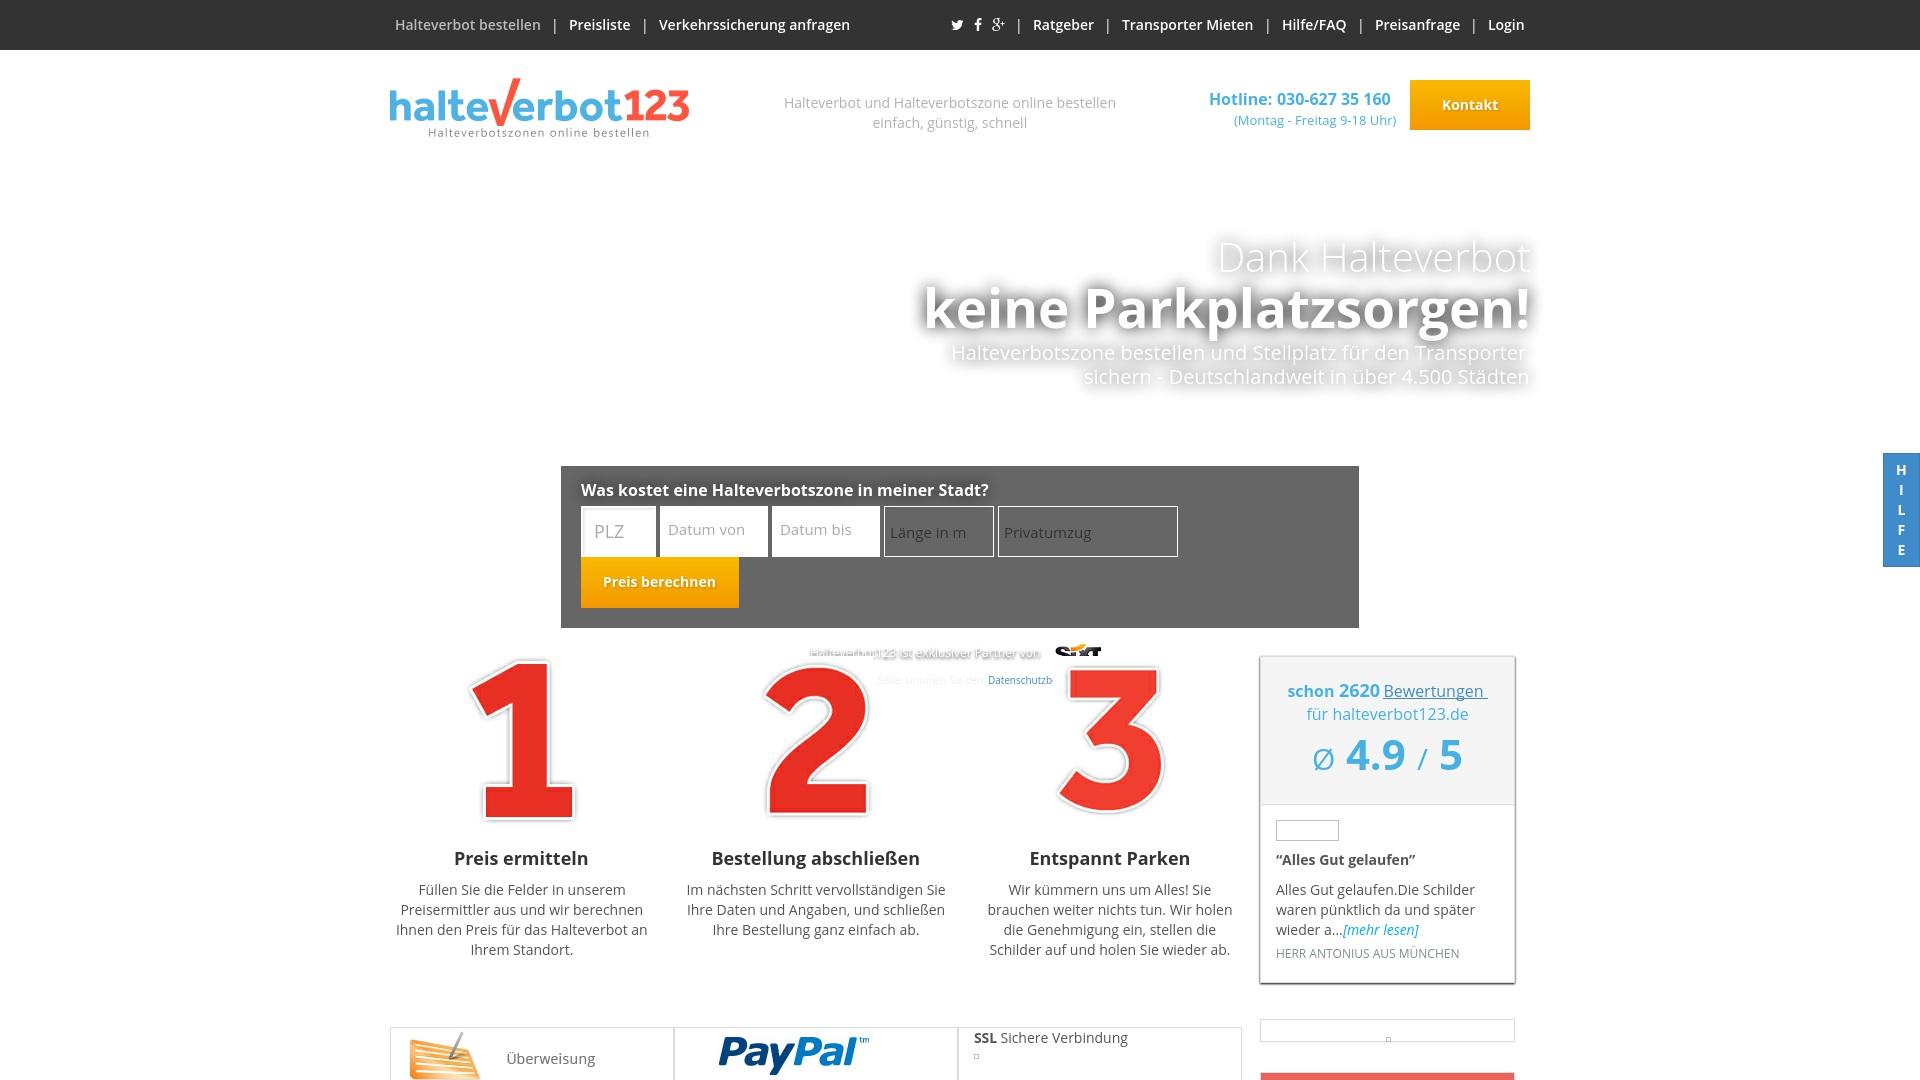 Gutschein für Halteverbot123: Rabatte für  Halteverbot123 sichern